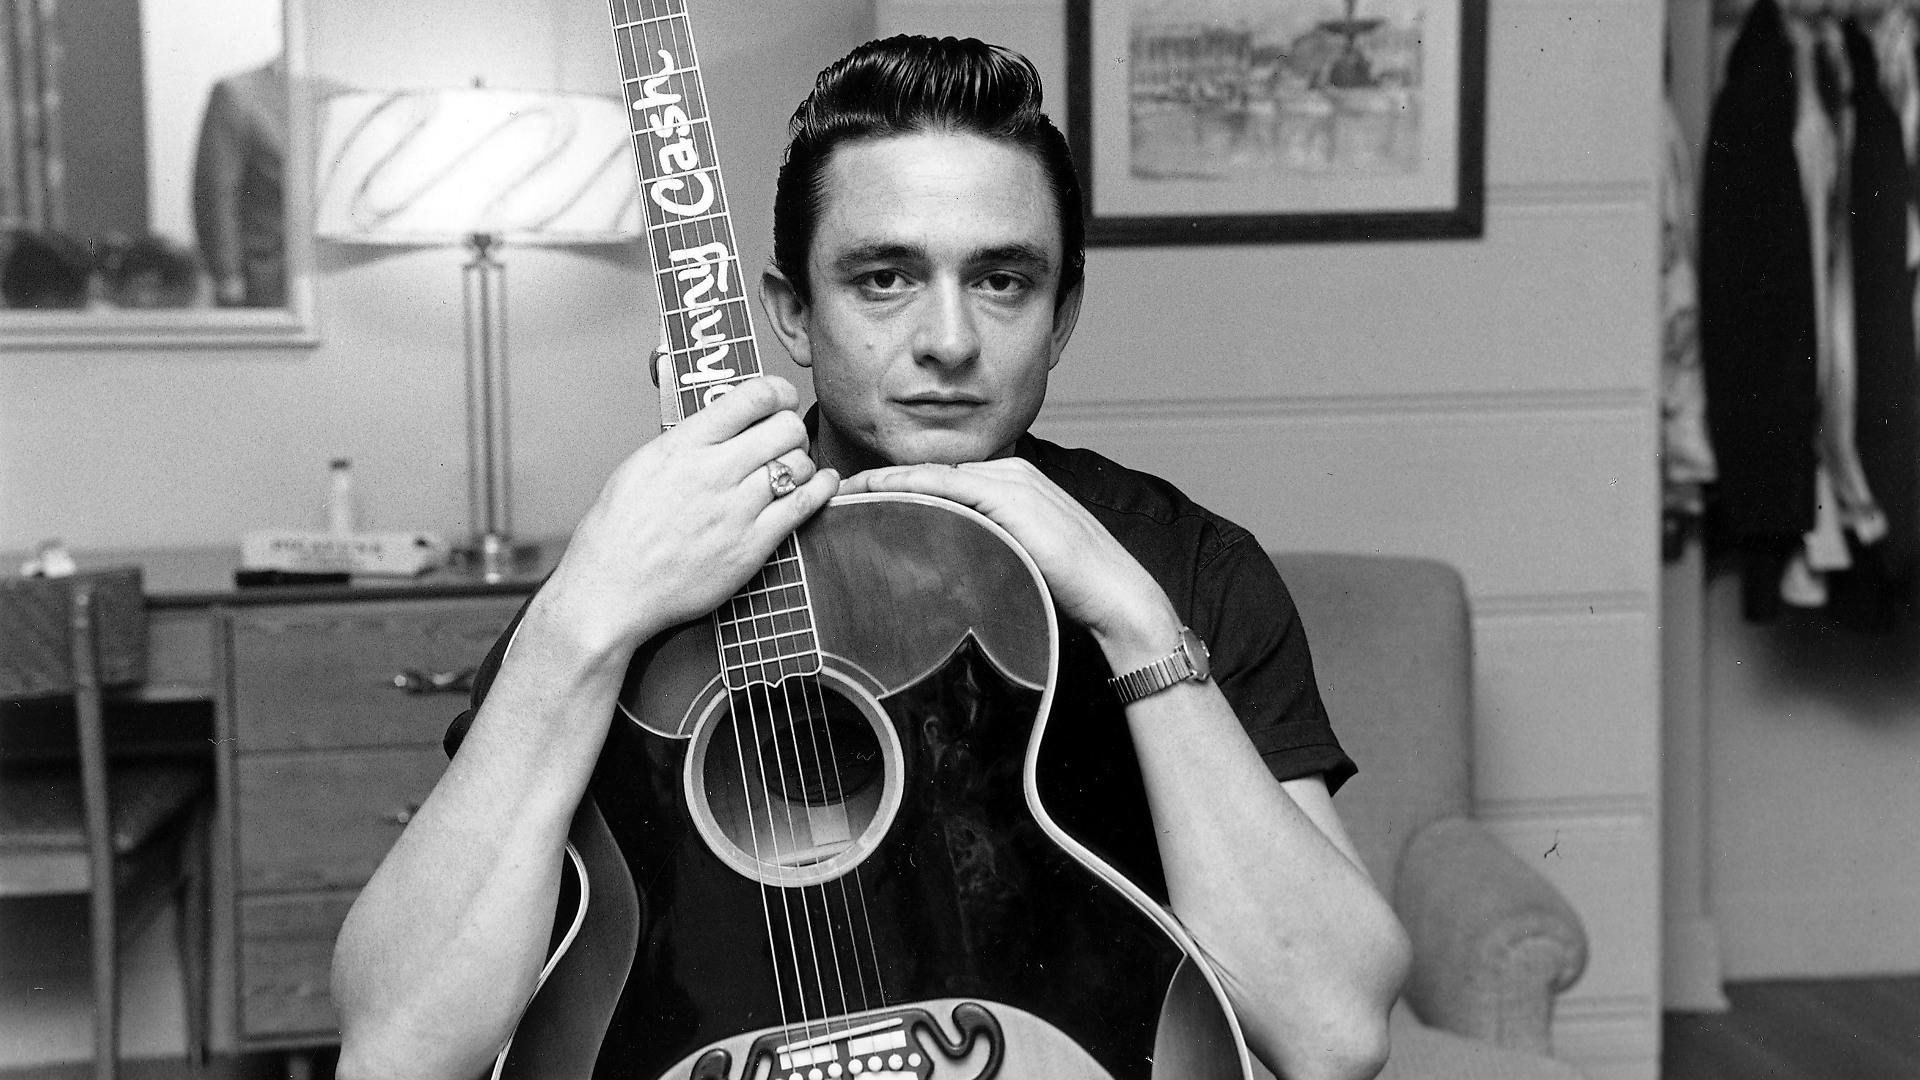 Poştaşul spune că în tinereţe se asemăna cu Johnny Cash şi că probabil acesta este motivul pentru care atât de multe femei au fost dornice să se culce cu el.